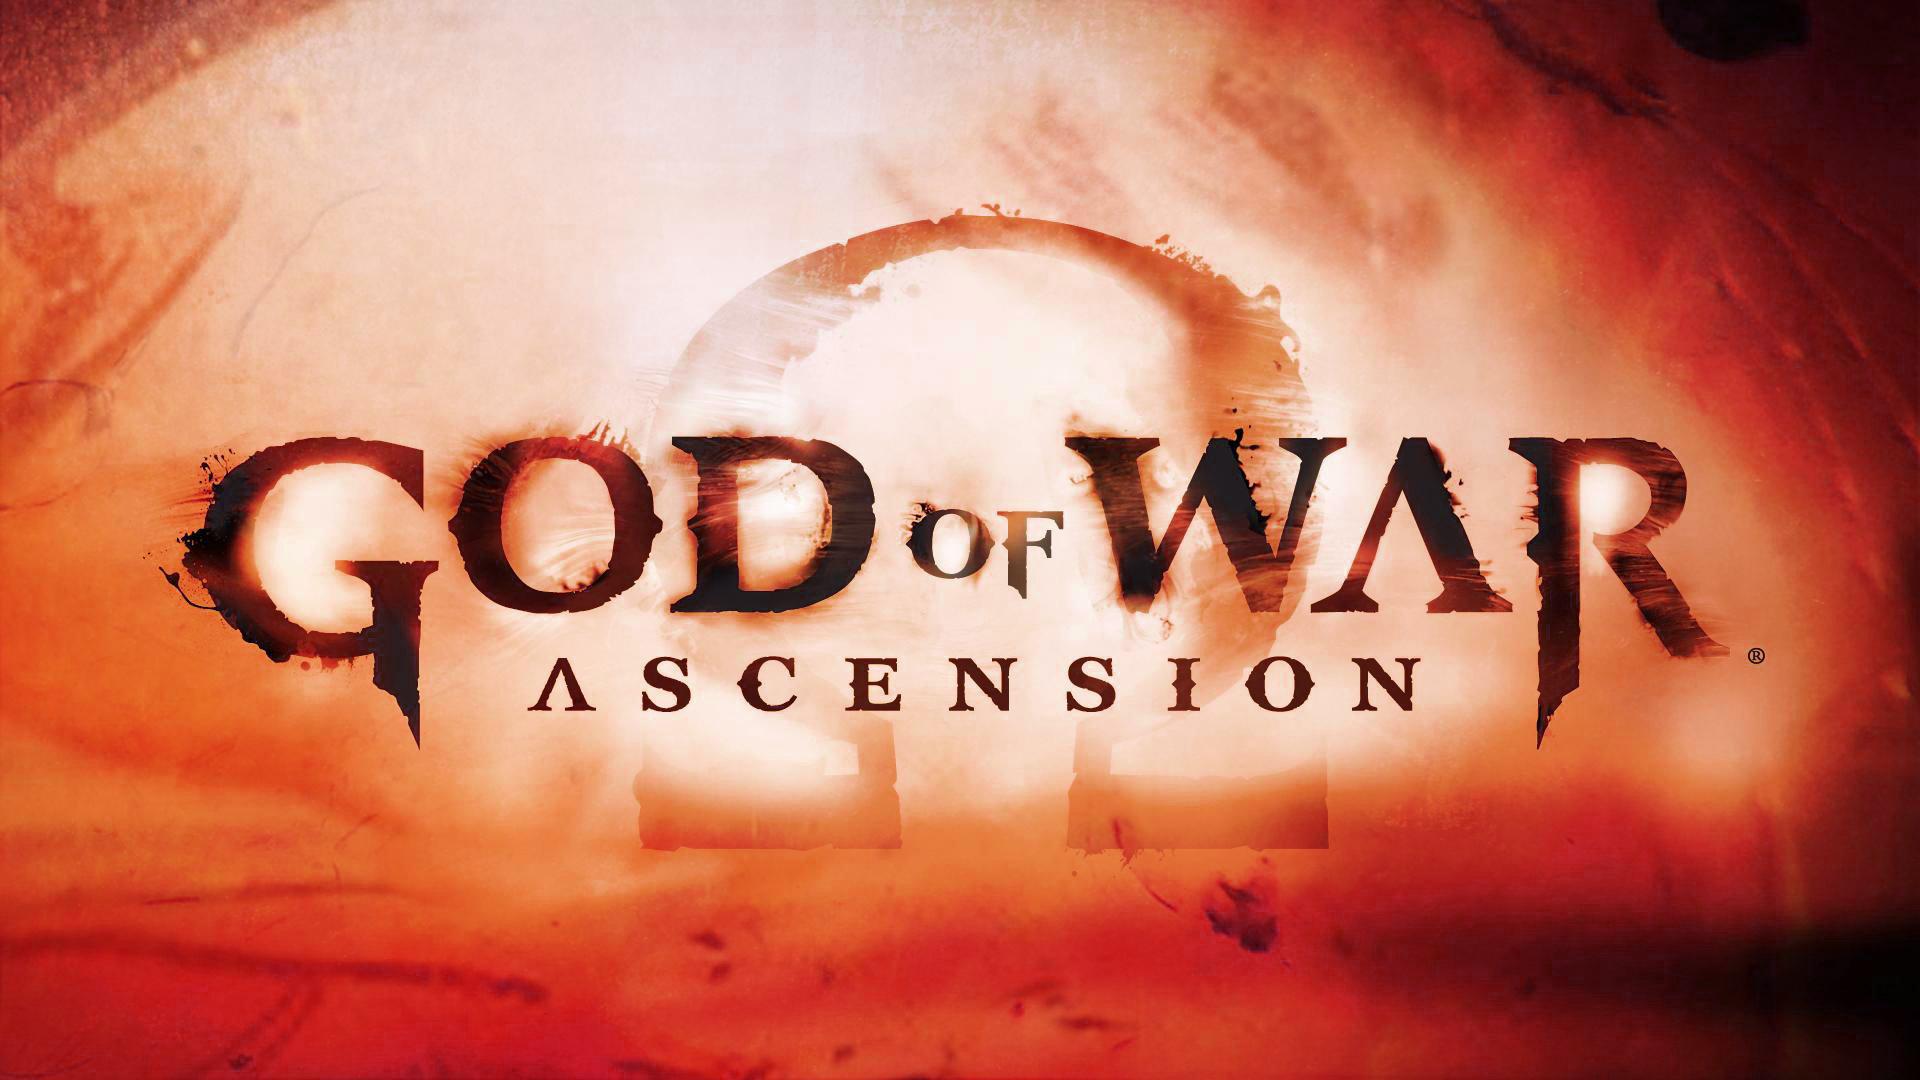 God of War Ascension wallpaper 12